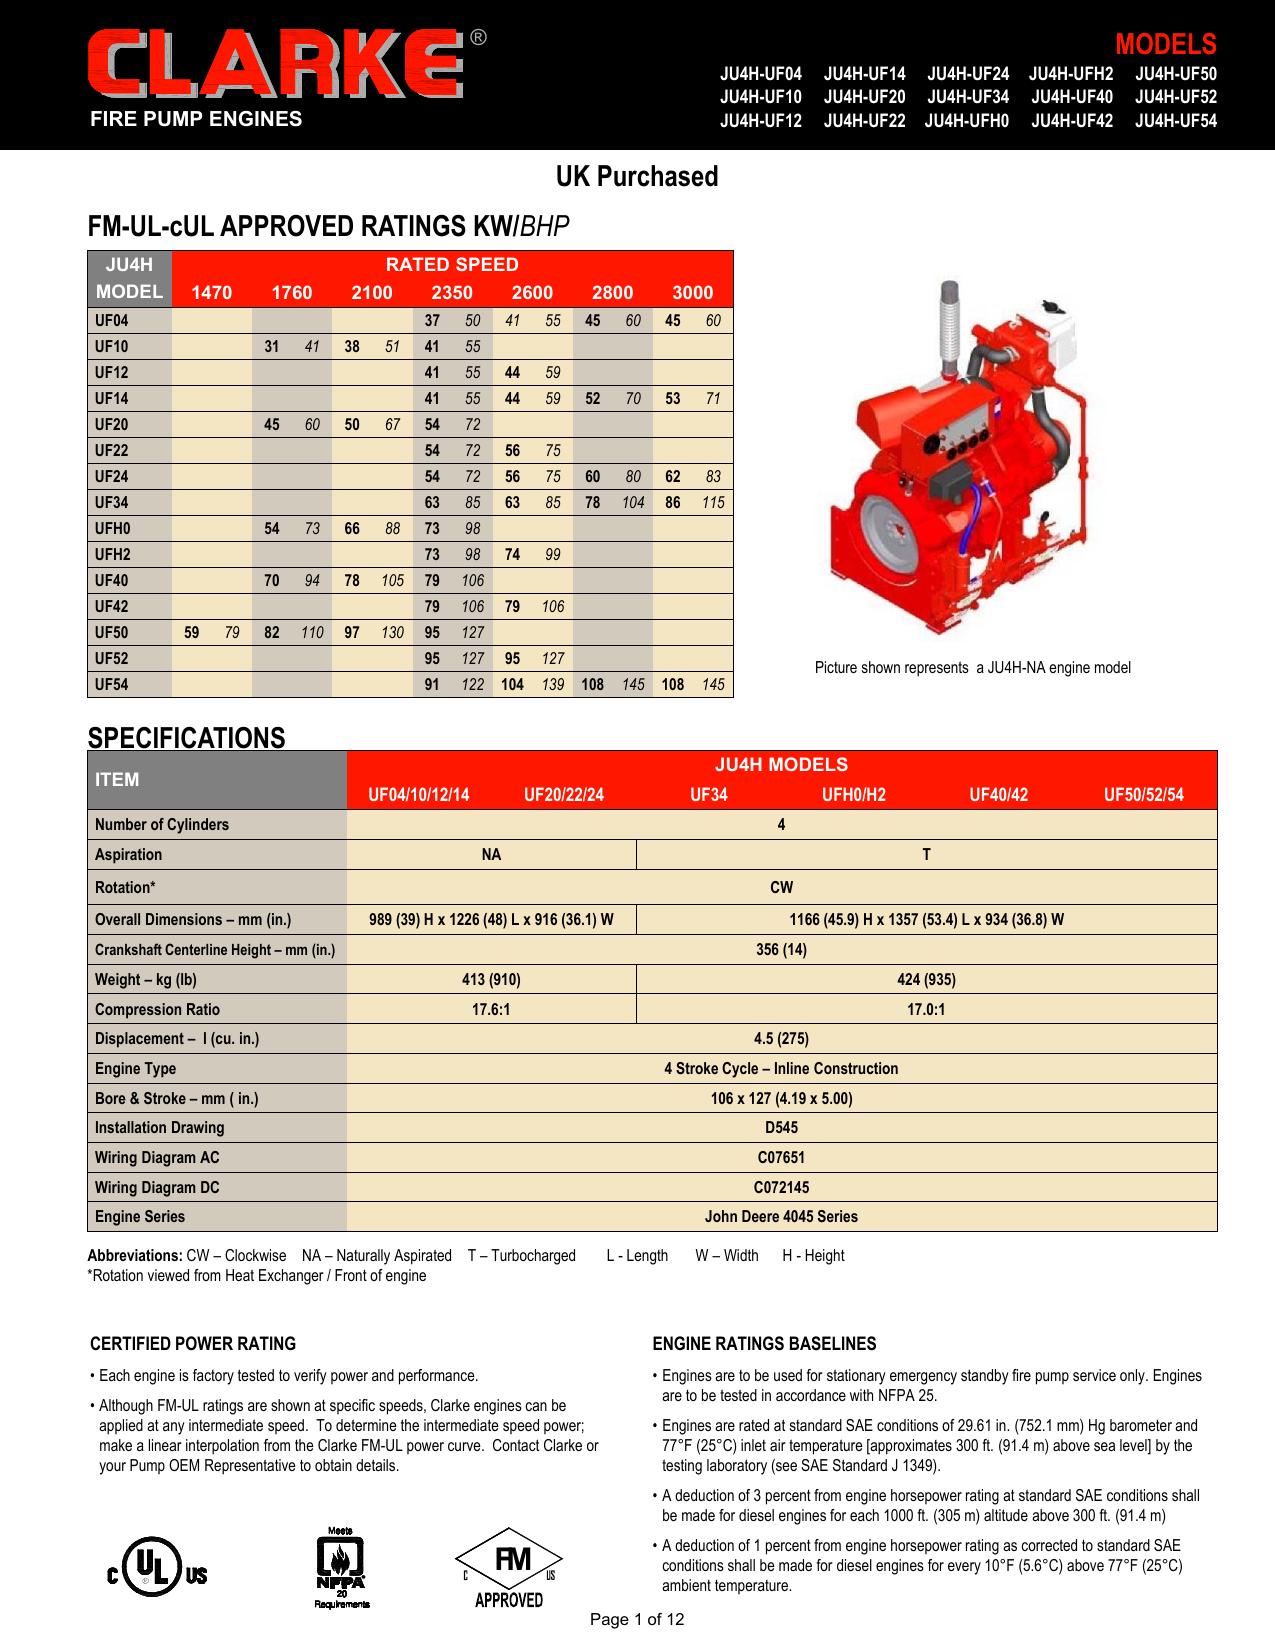 Maintenance Schedule for Clarke Fire Pump Engine